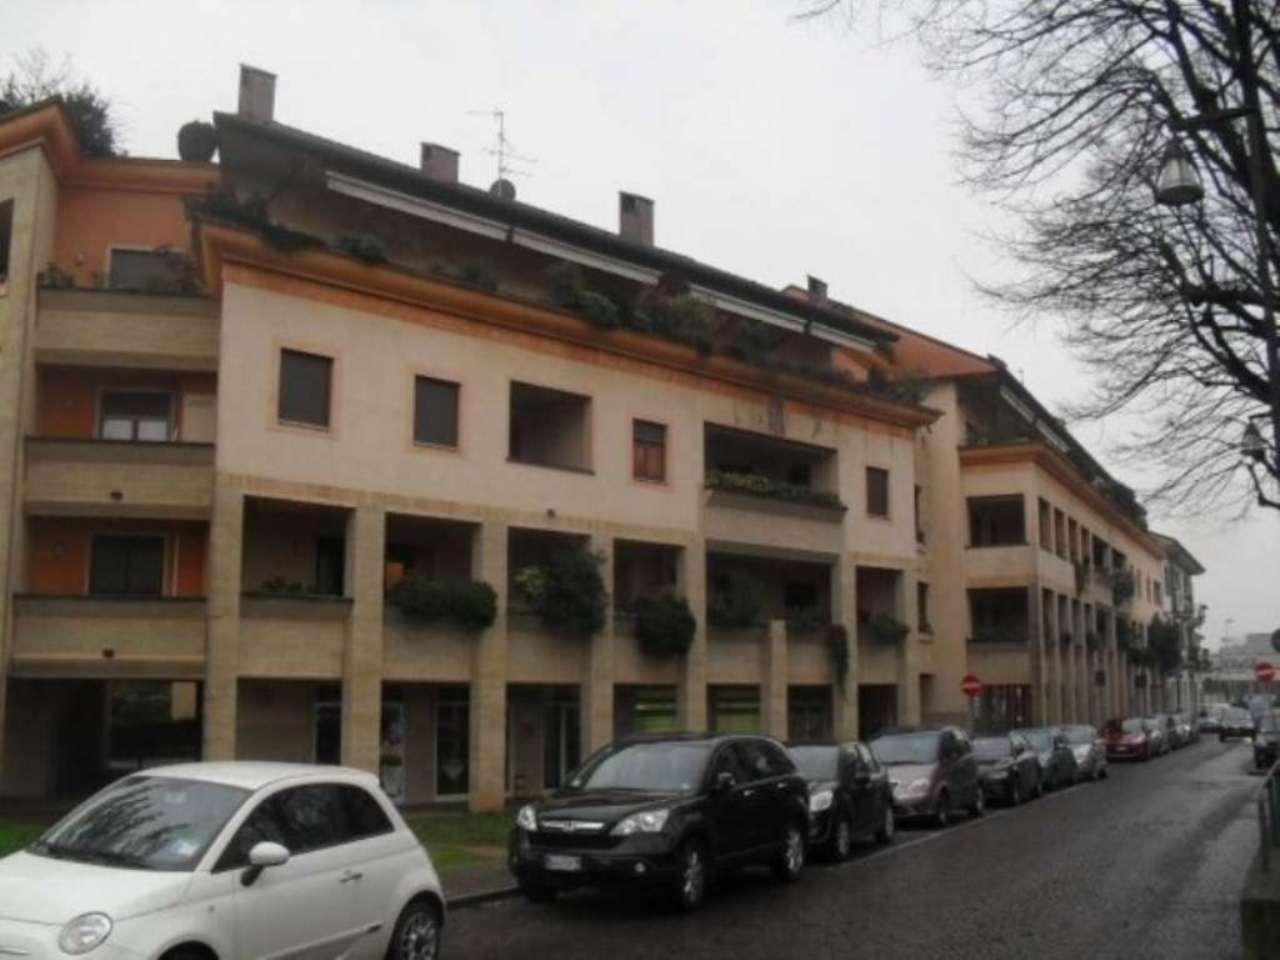 Negozio / Locale in vendita a Muggiò, 2 locali, prezzo € 75.000 | Cambio Casa.it